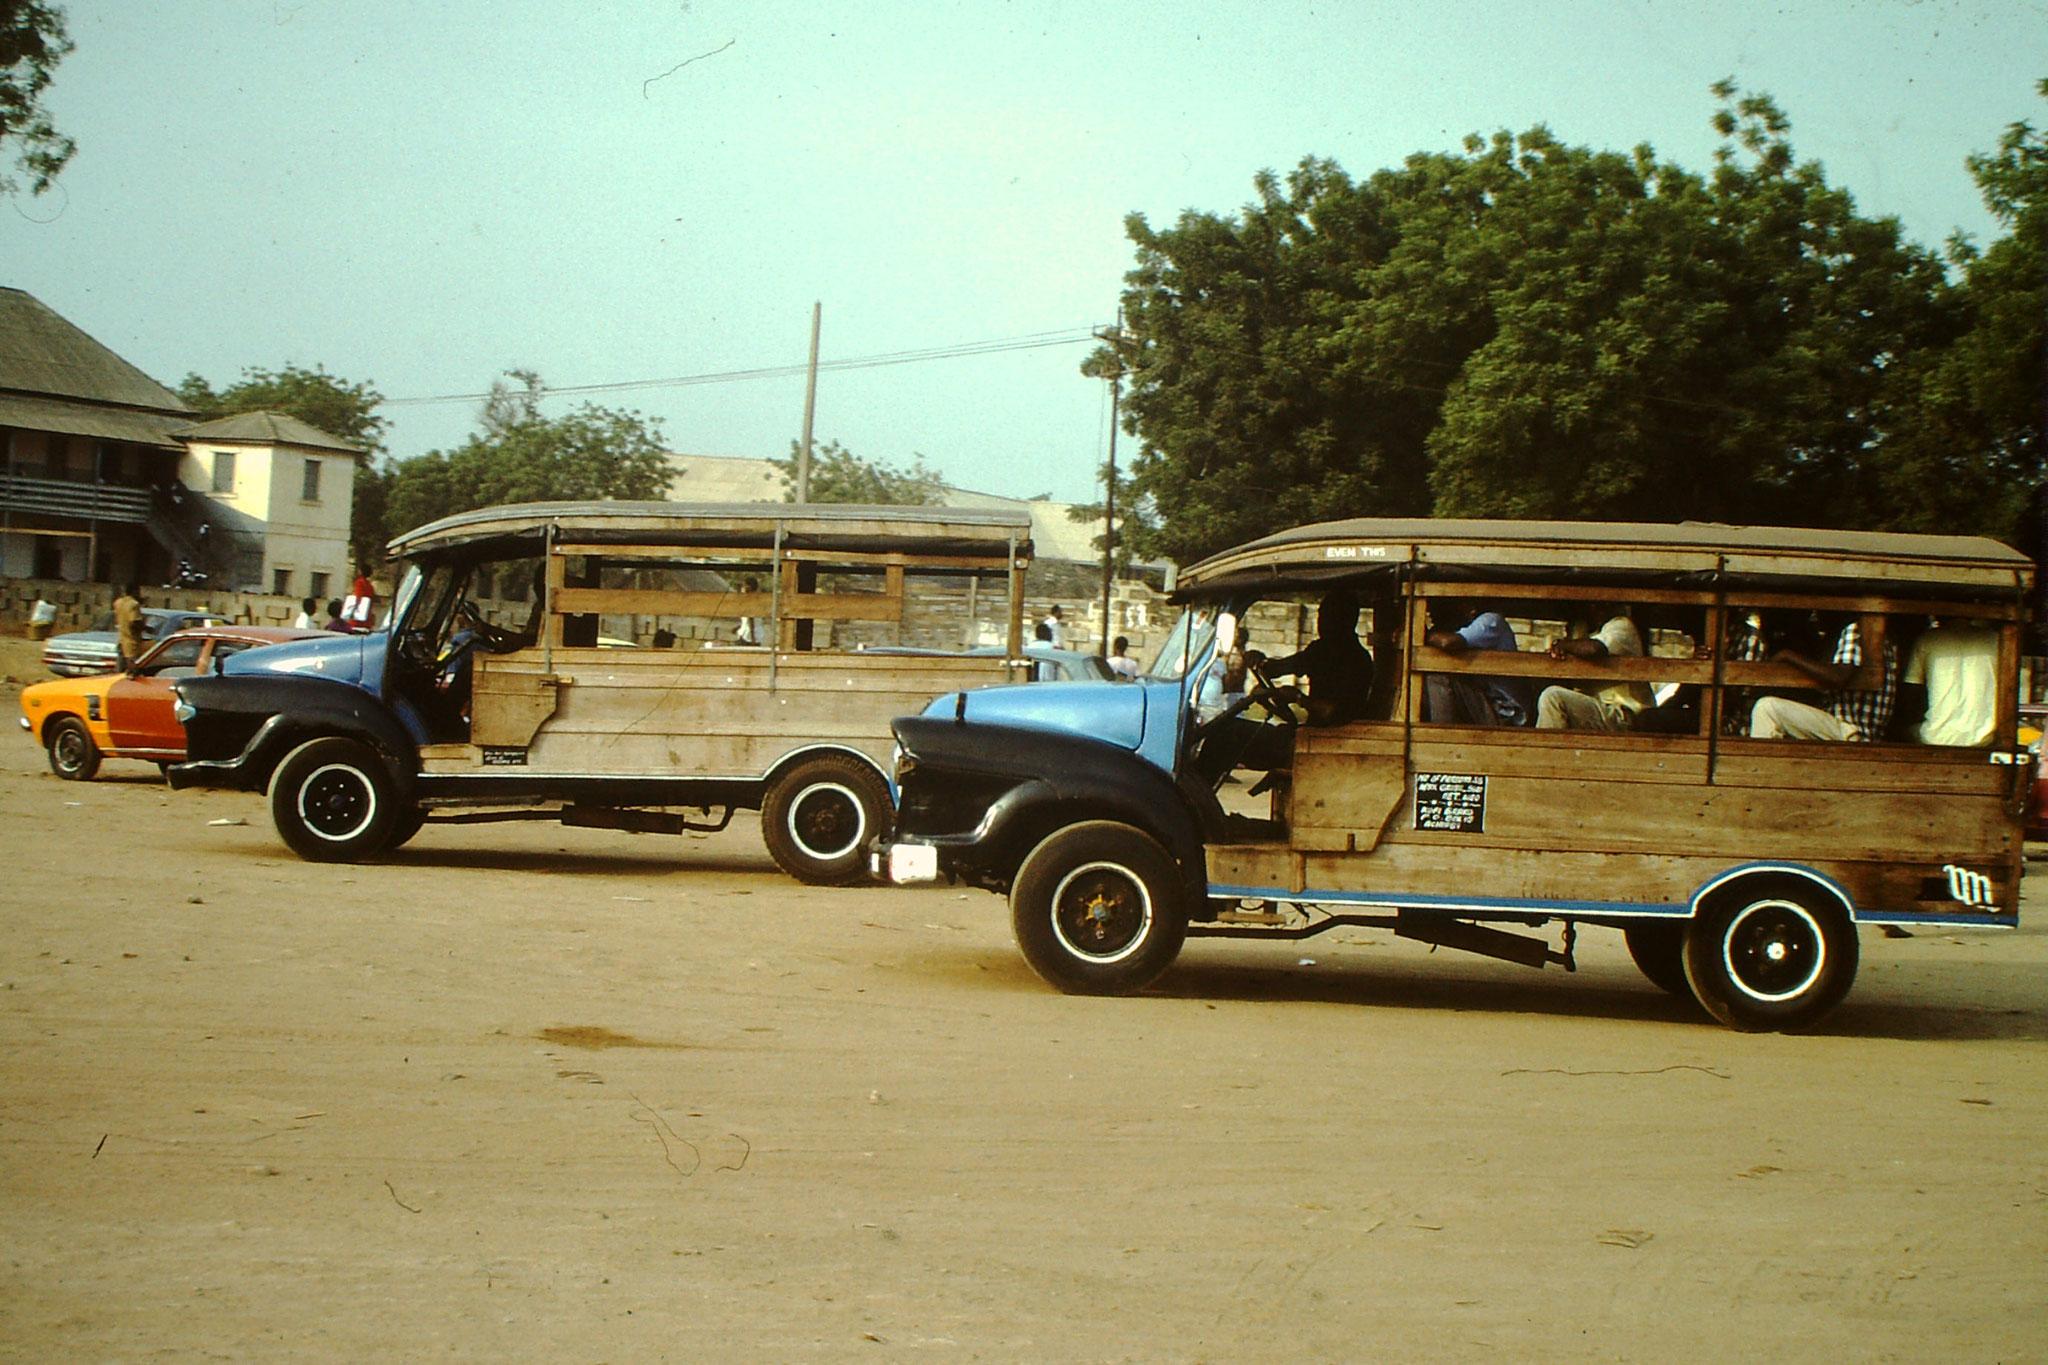 23. Die Buschtaxis hatten keinen festen Fahrplan. Einzig der Abfahrtsort und das Endziel war bekannt. Man durfte aber früher aussteigen und wenn es Platz hatte auch unterwegs einsteigen. Nebst dem Fahrer war auch noch ein Begleiter dabei der dem Chauffeur